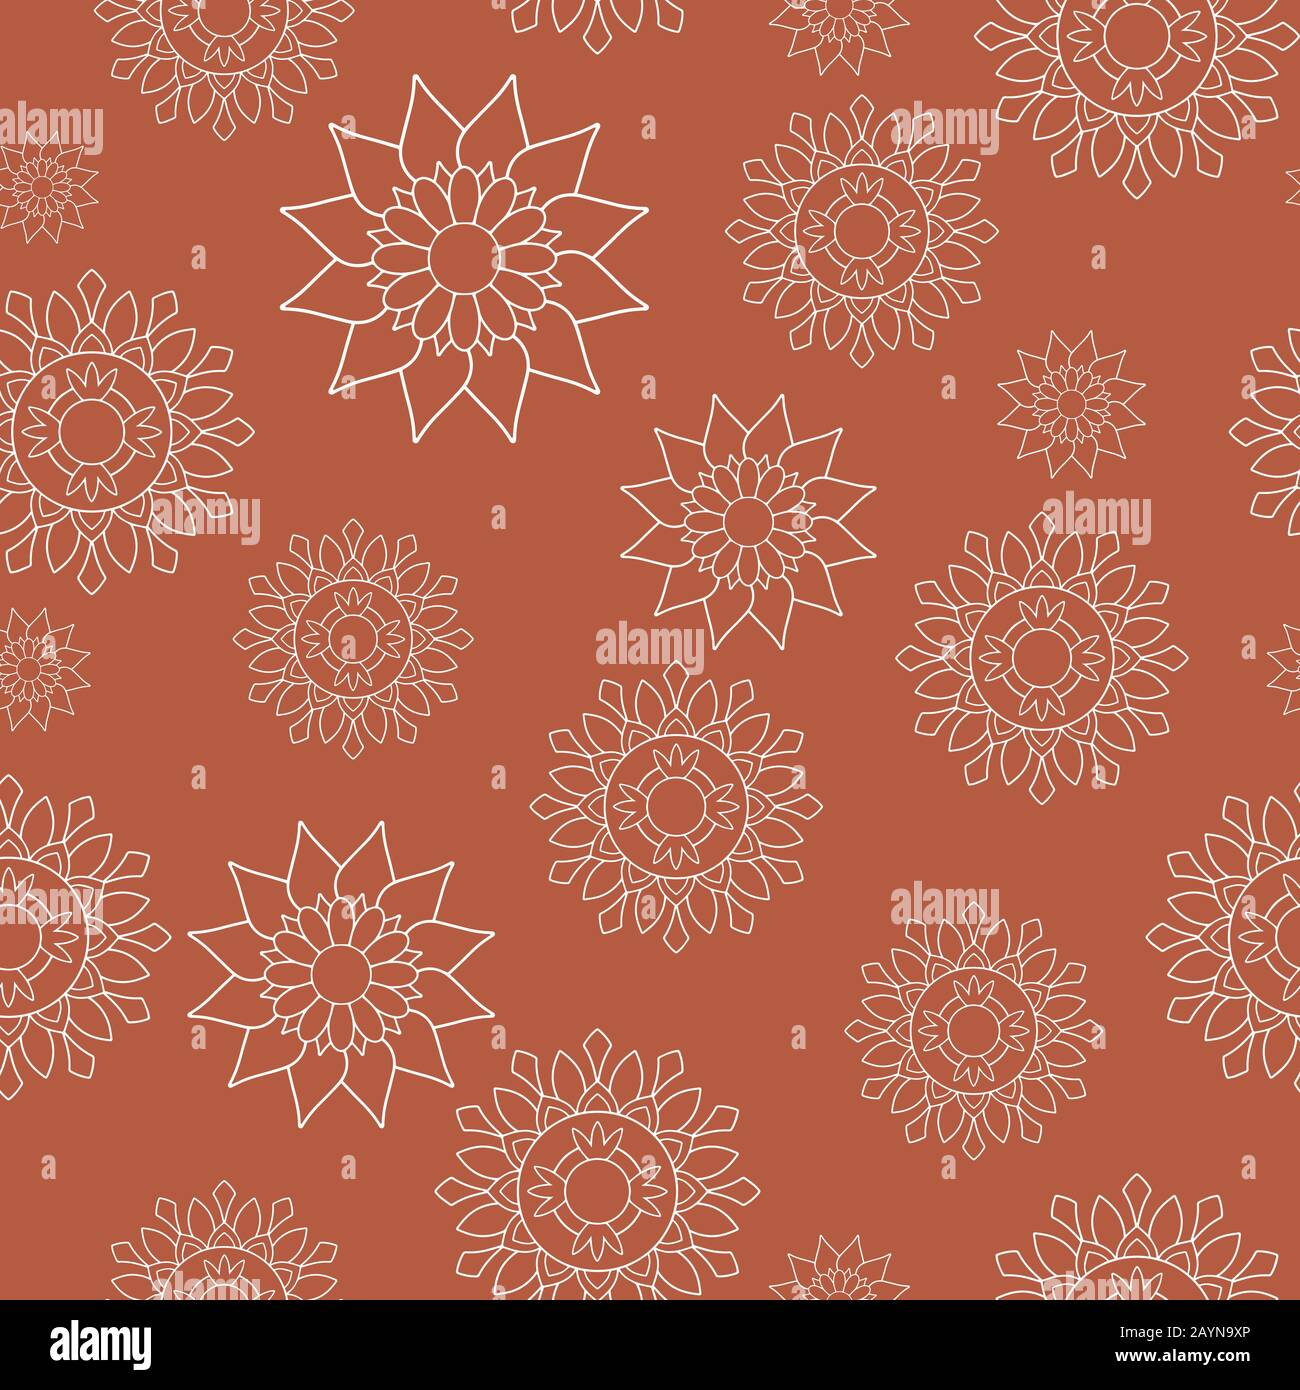 Motif de répétition sans couture, style oriental. Mandalas à fleurs blanches sur fond orange. Motifs décoratifs orientaux parfaits pour l'impression sur tissu ou papier. Illustration de Vecteur